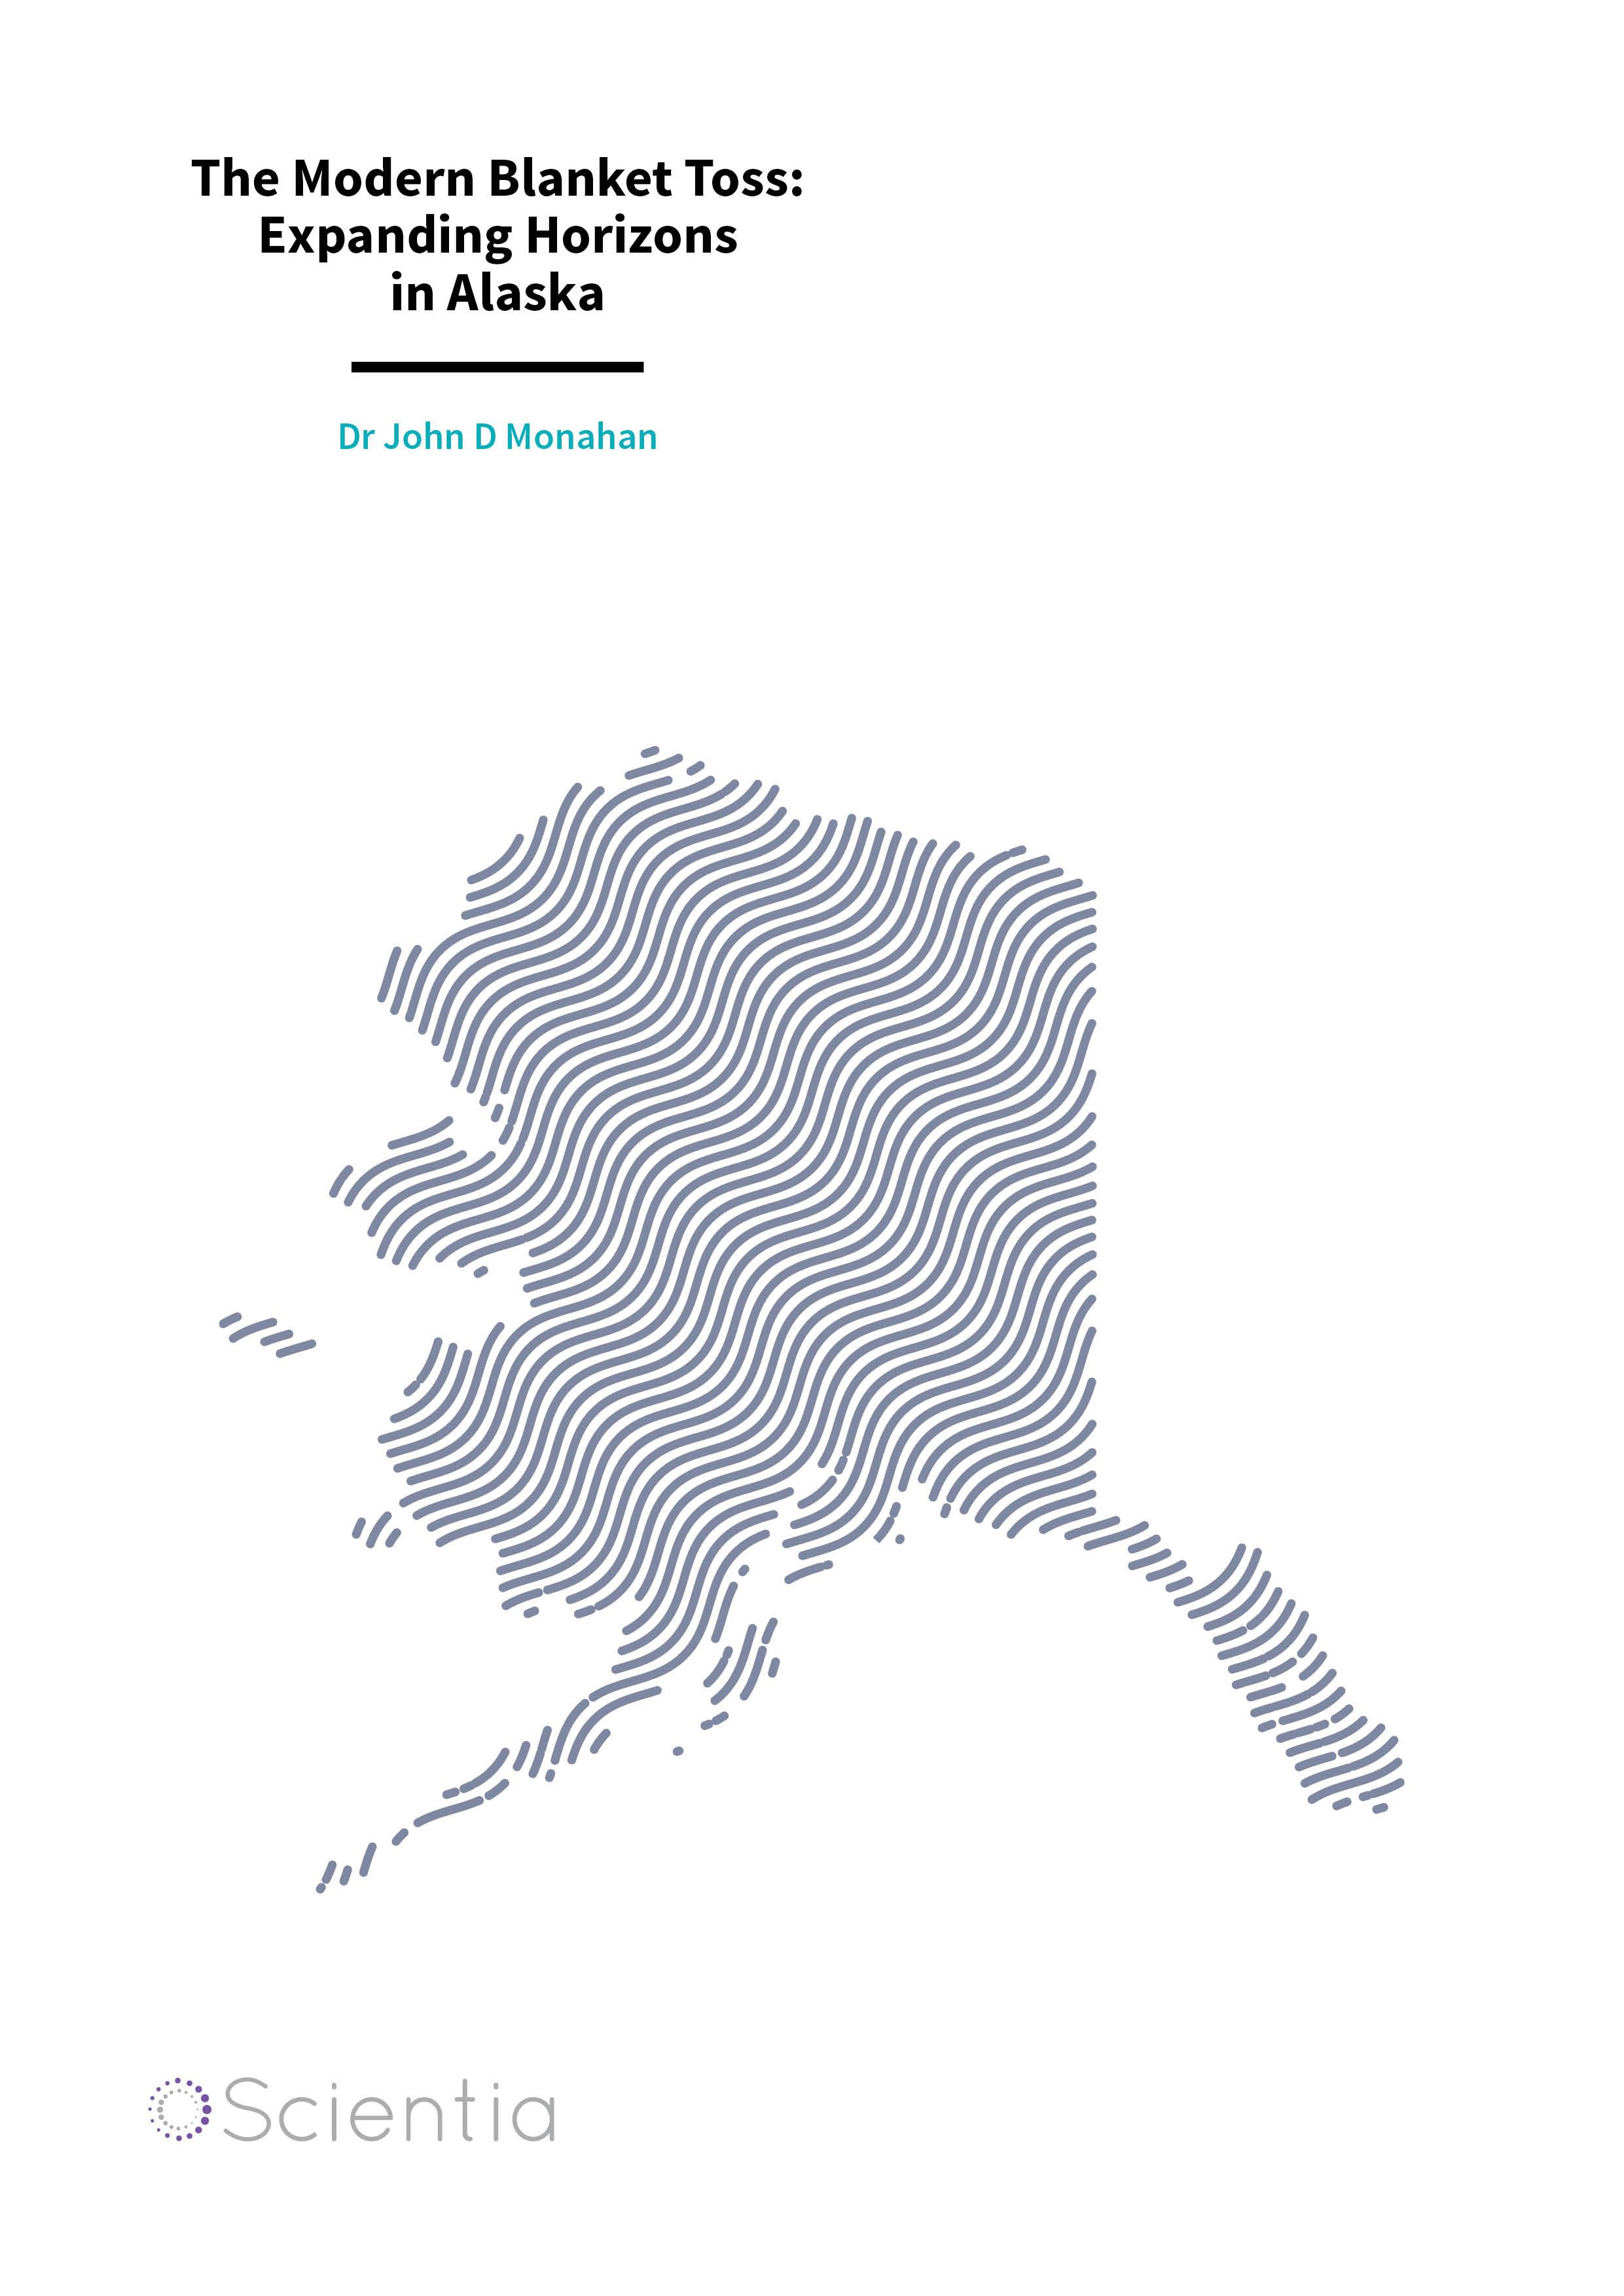 Dr John Monahan – The Modern Blanket Toss: Expanding Horizons in Alaska